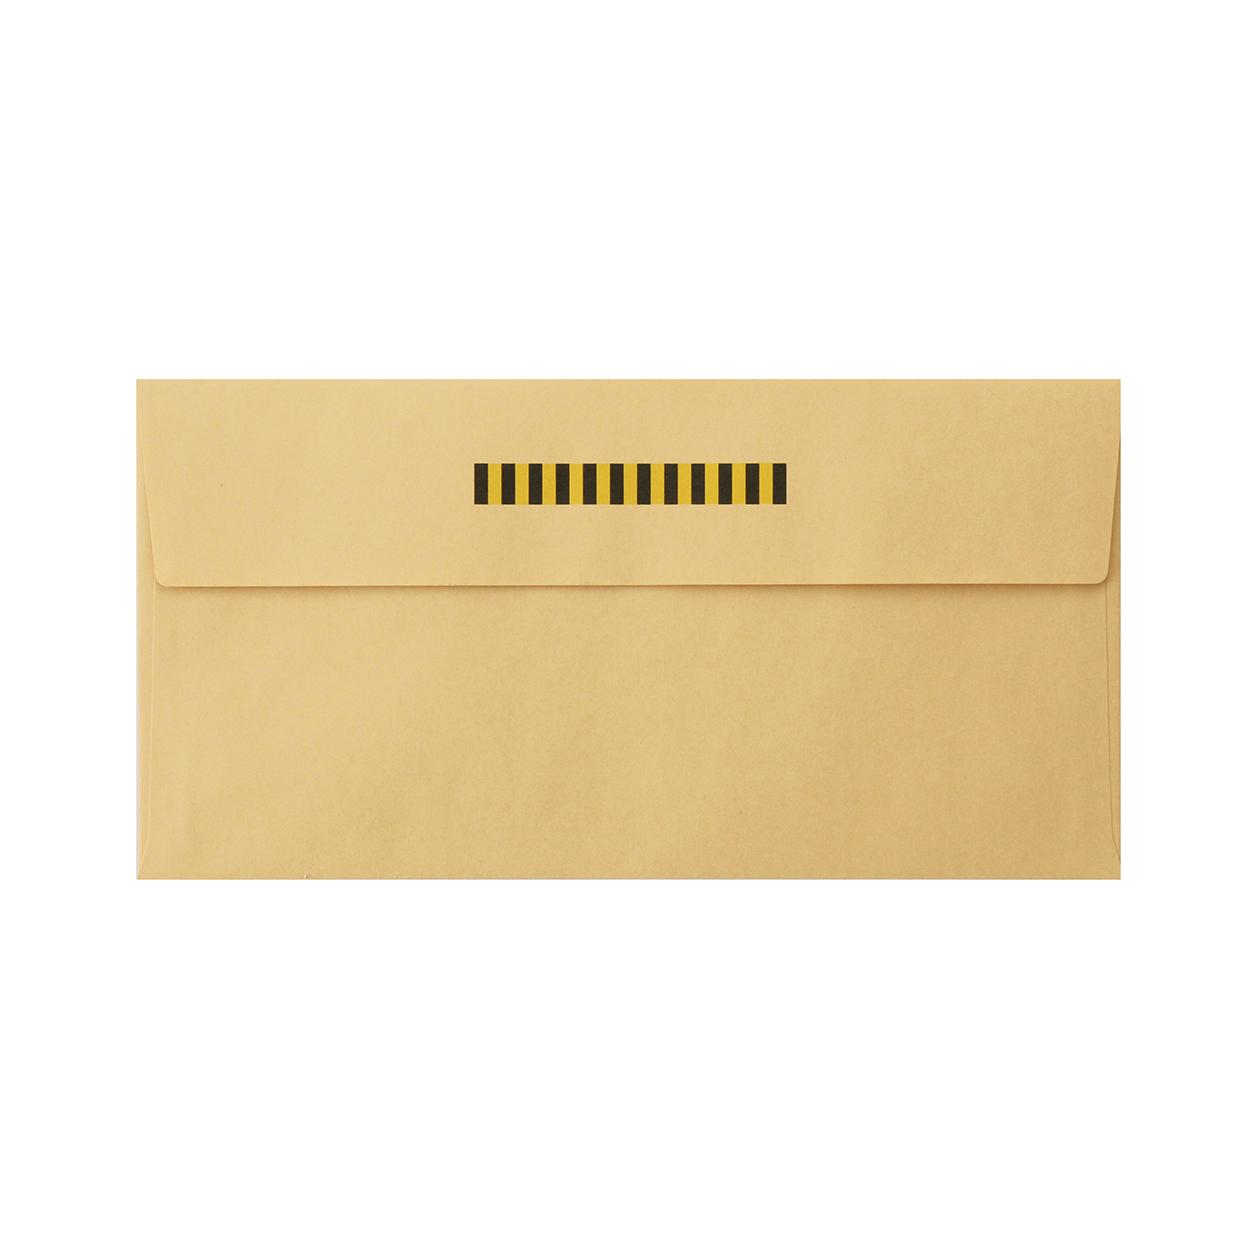 見本 00008 長3カマス封筒 クラフト 85g